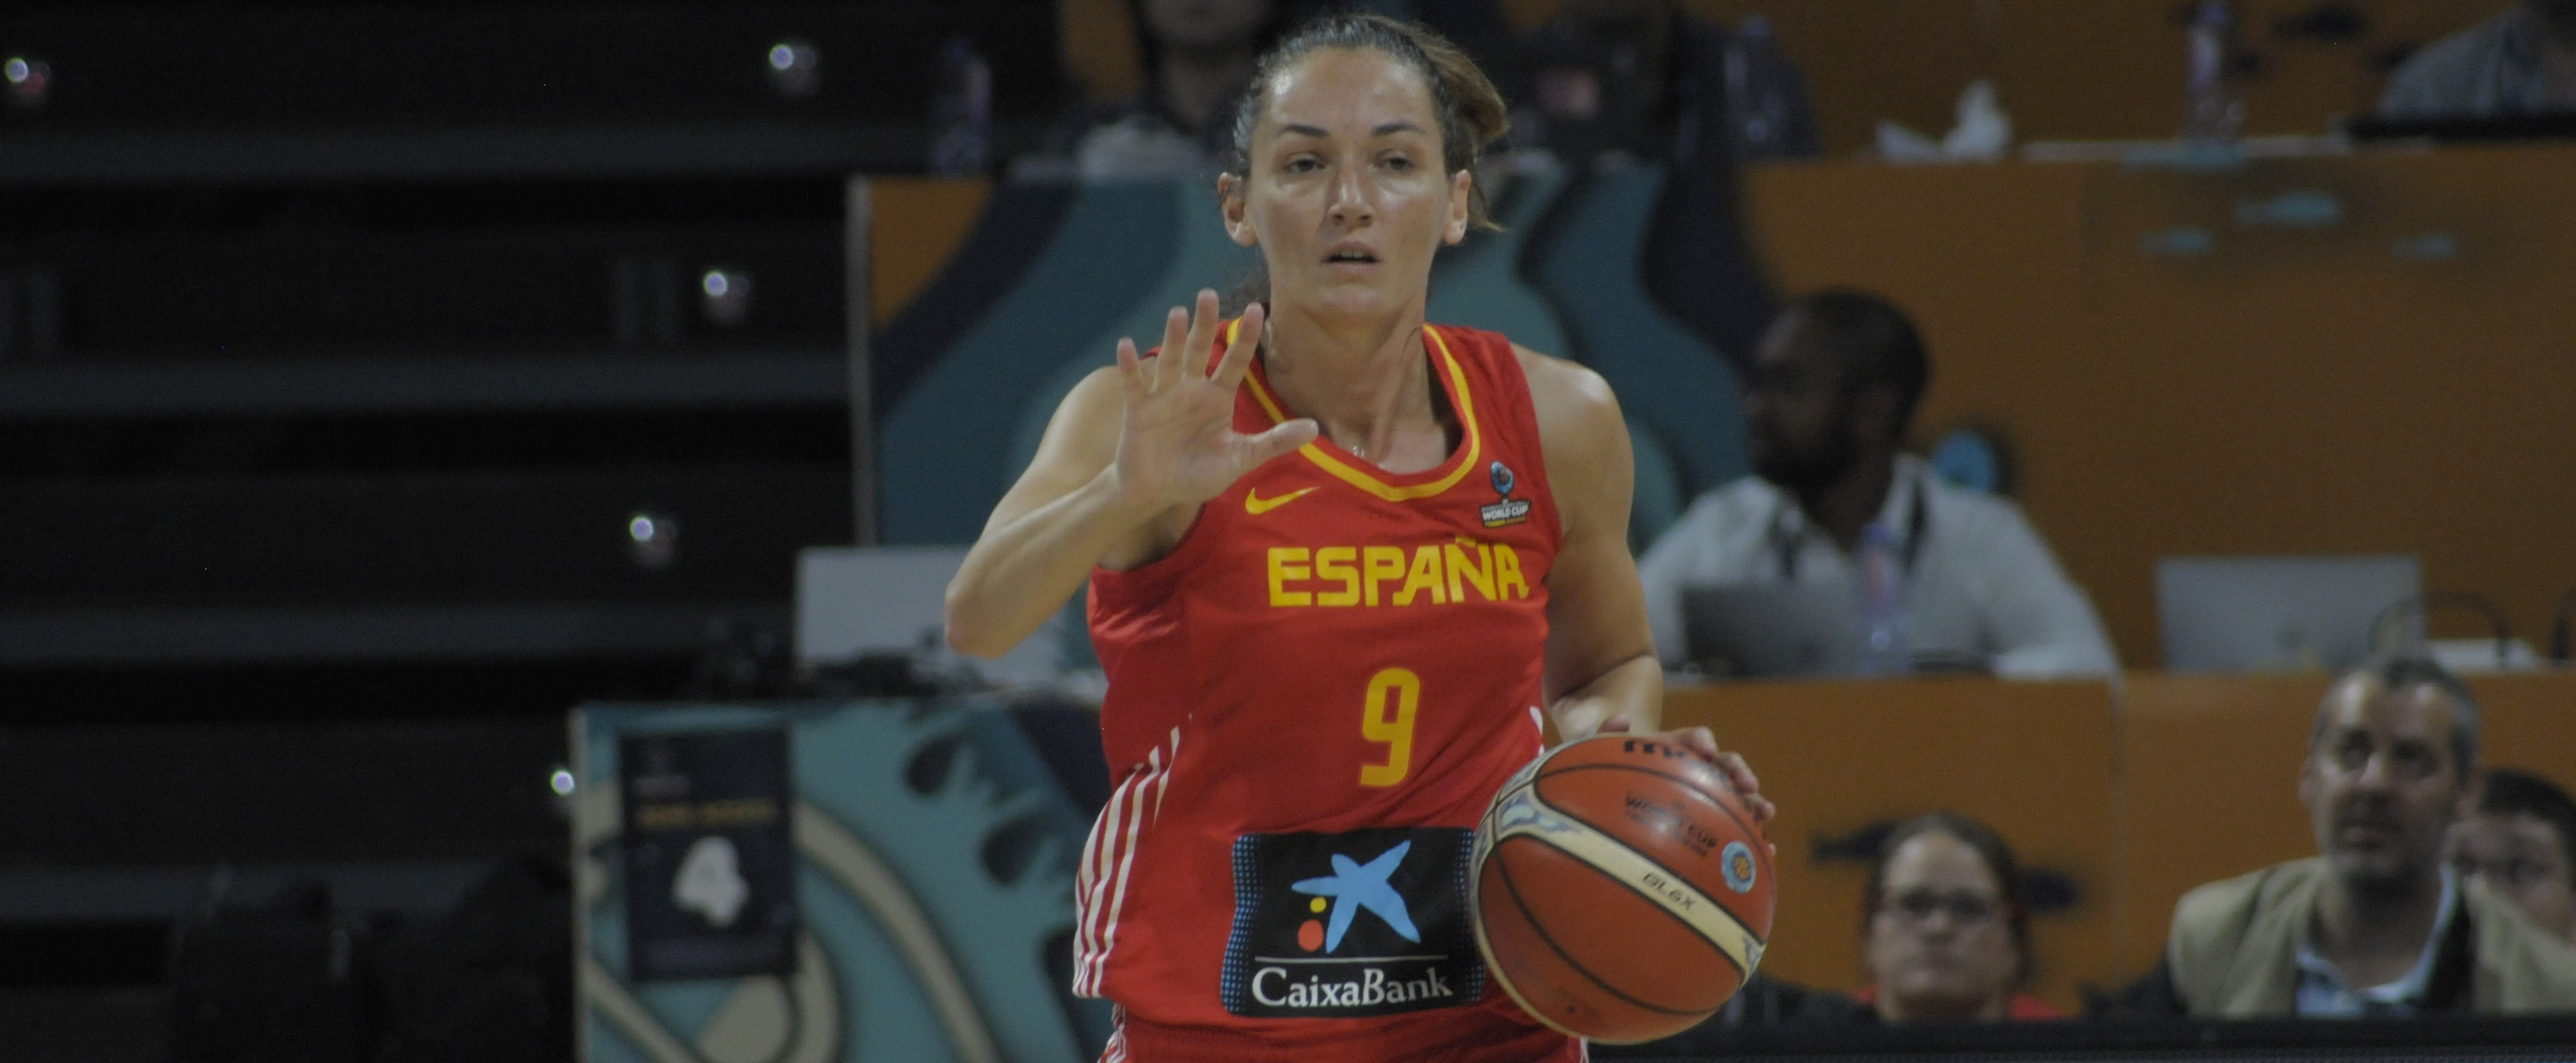 Palau agradece al público del Santiago Martín de Tenerife el apoyo a la selección española